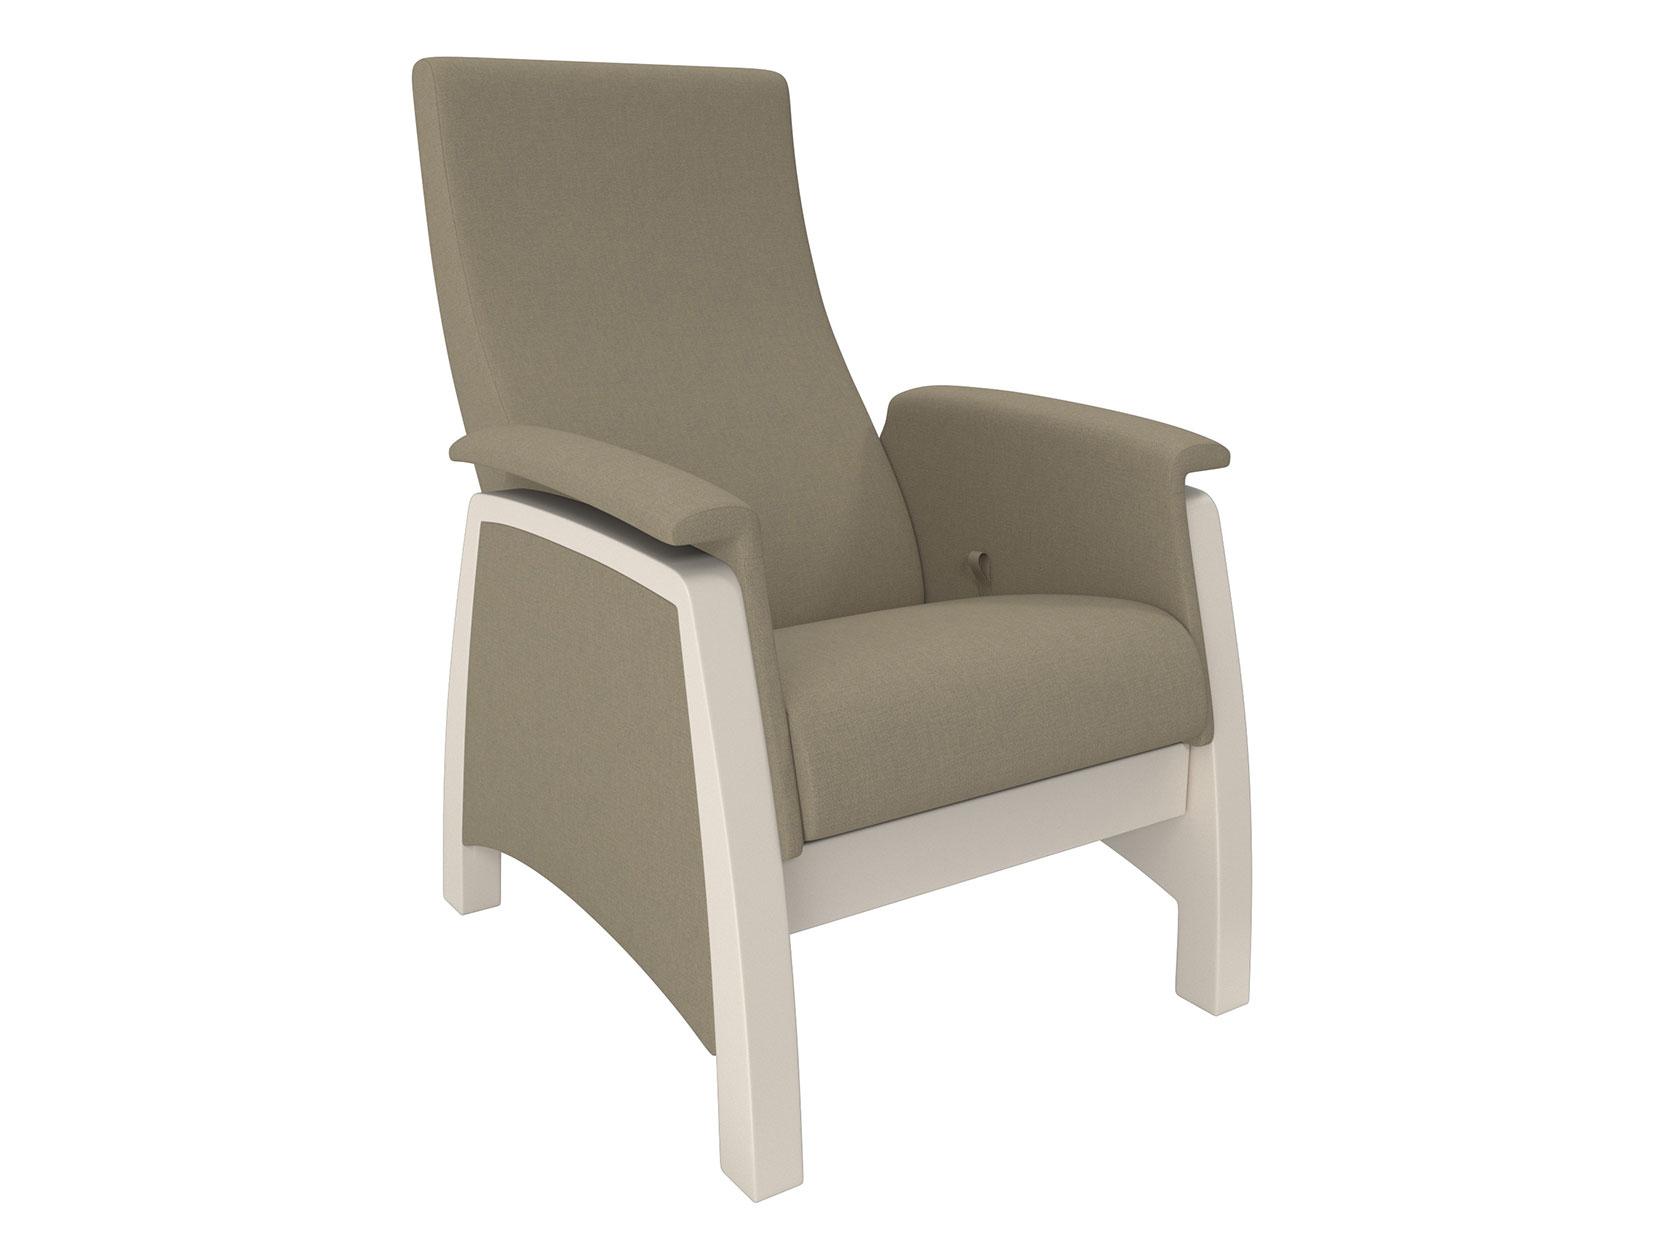 Кресло-глайдер 150-104109